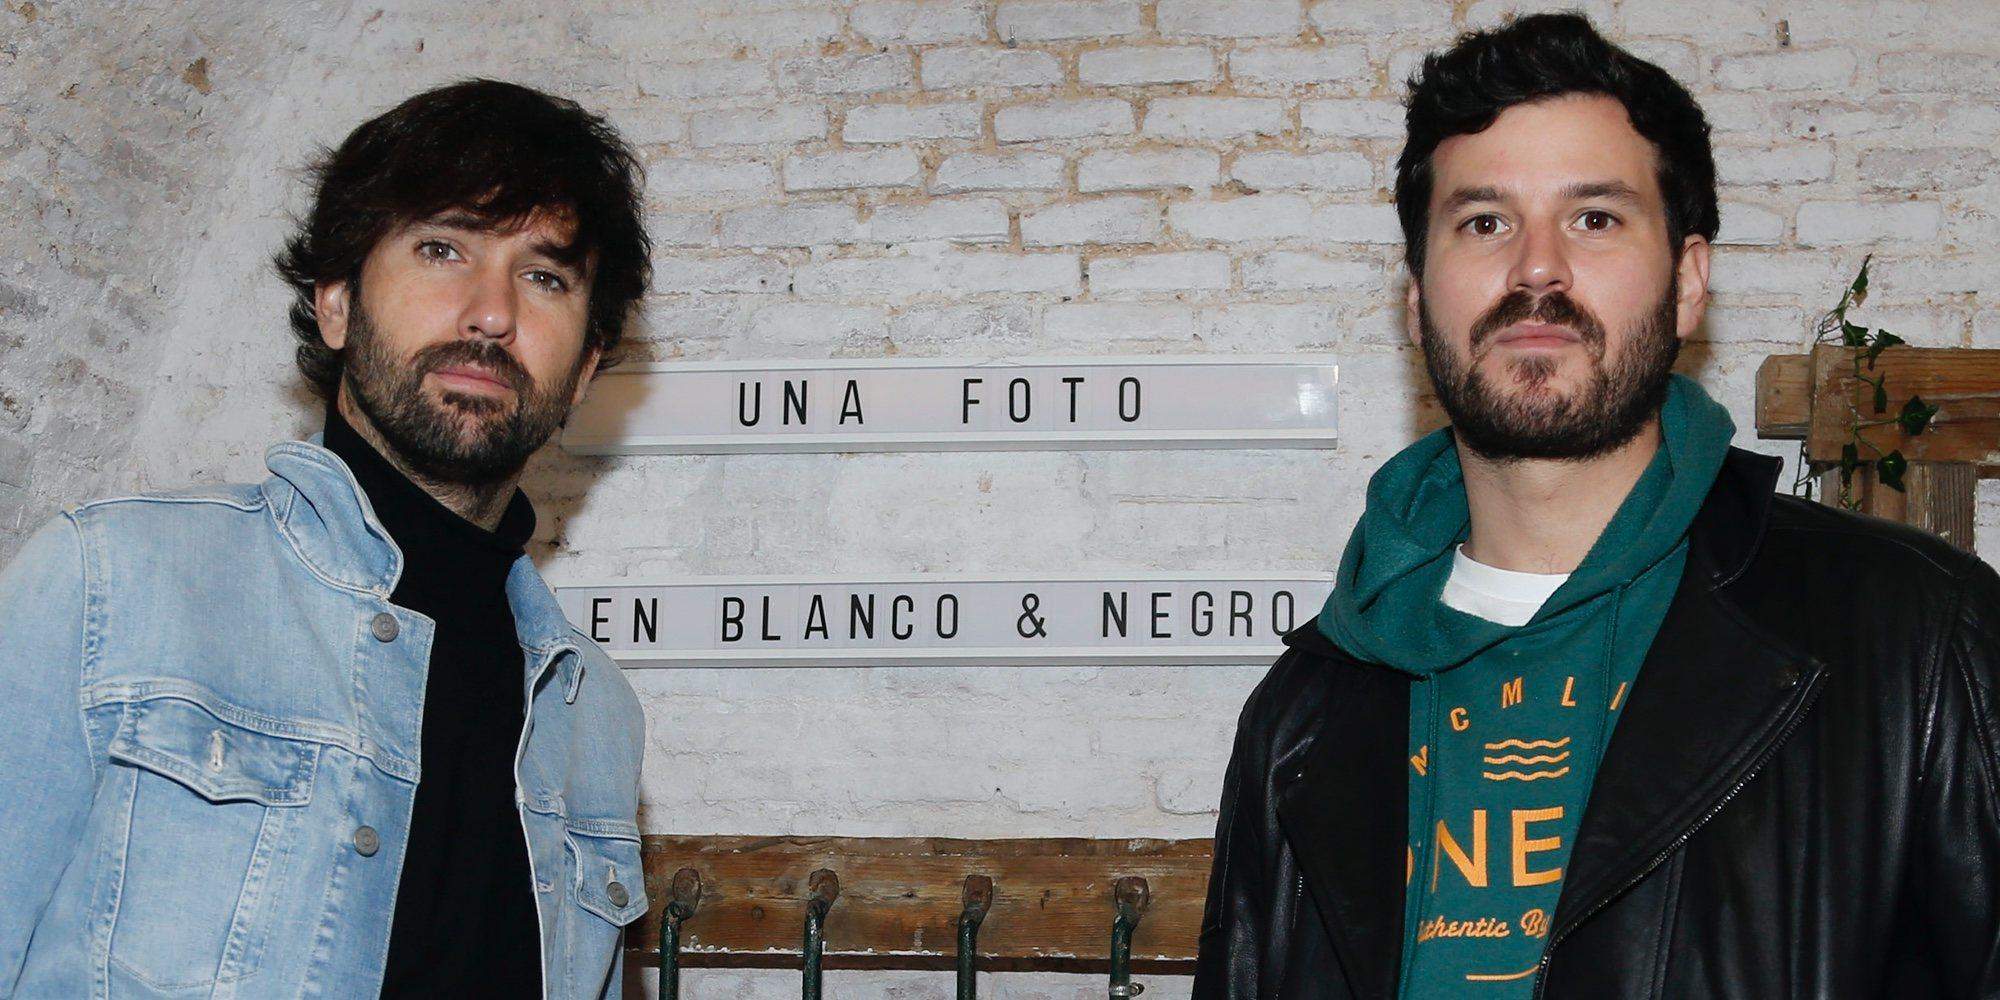 """David Otero y Willy Bárcenas reinterpretan la canción 'Una foto en blanco y negro': """"La hemos hecho nuestra"""""""